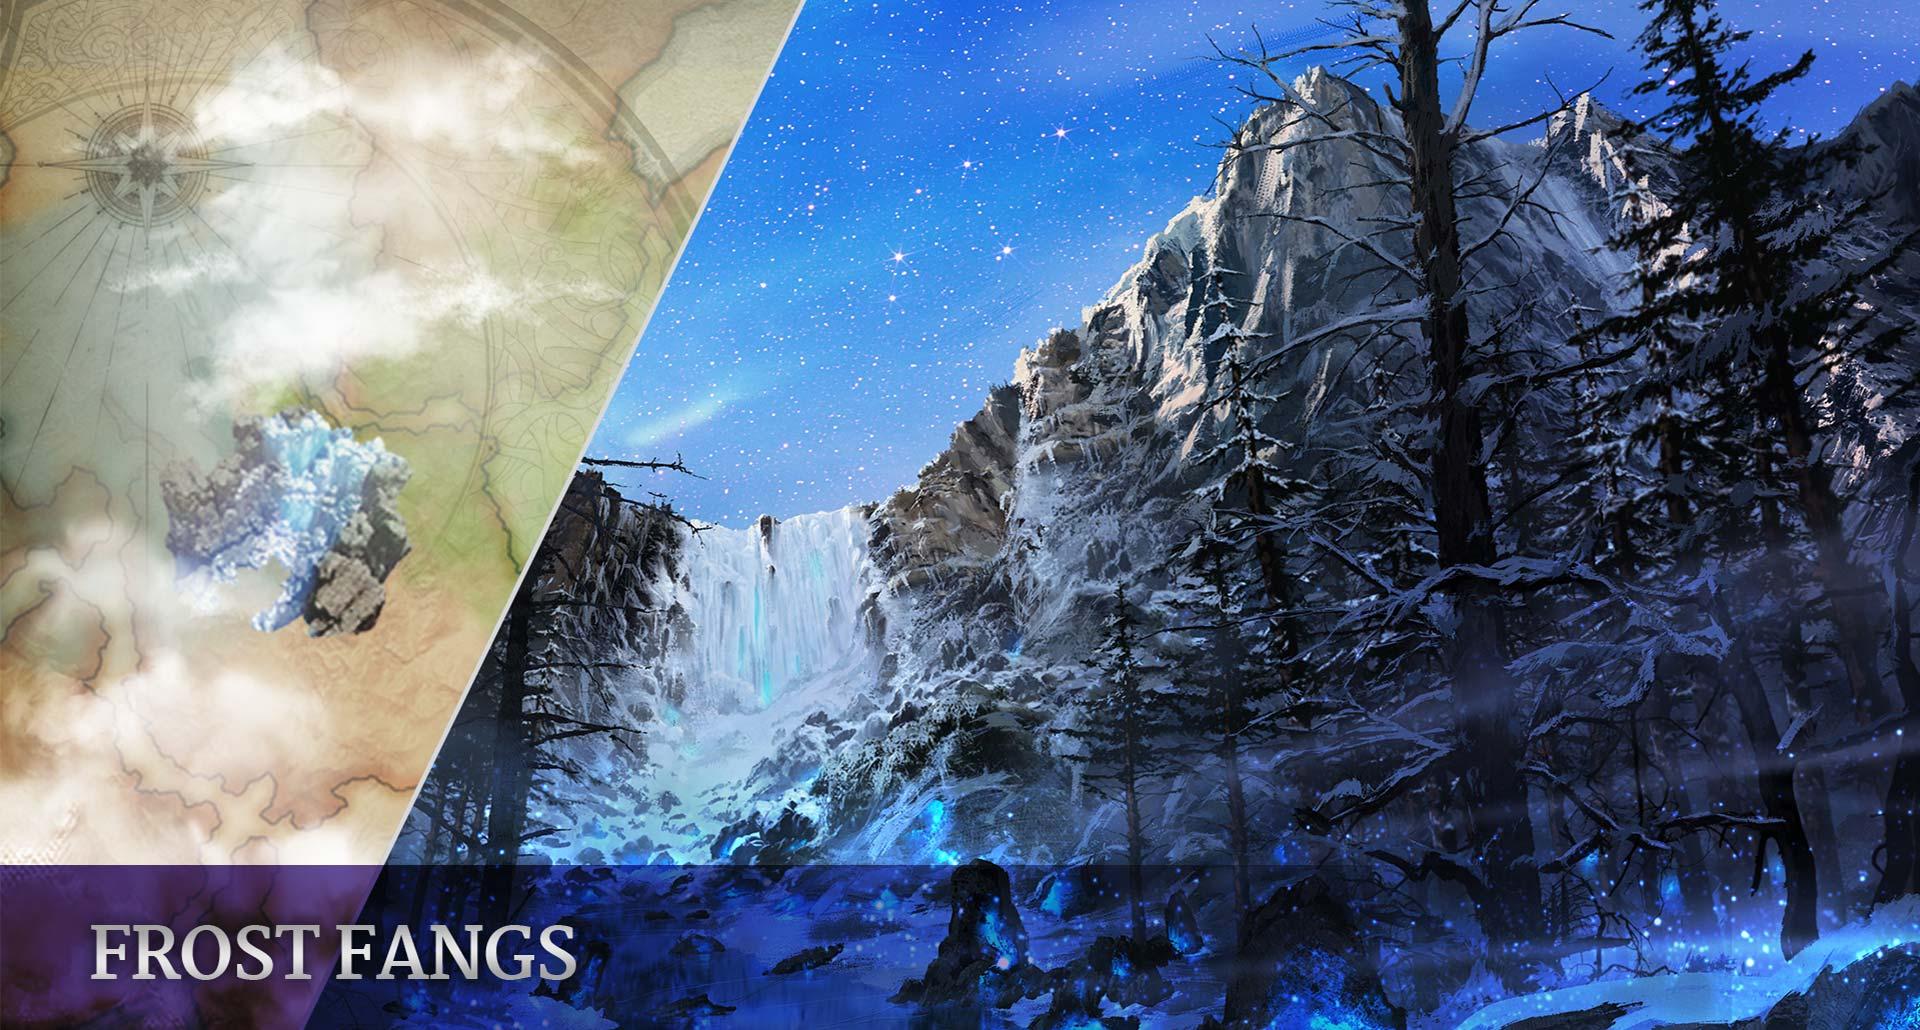 Frost Fangs